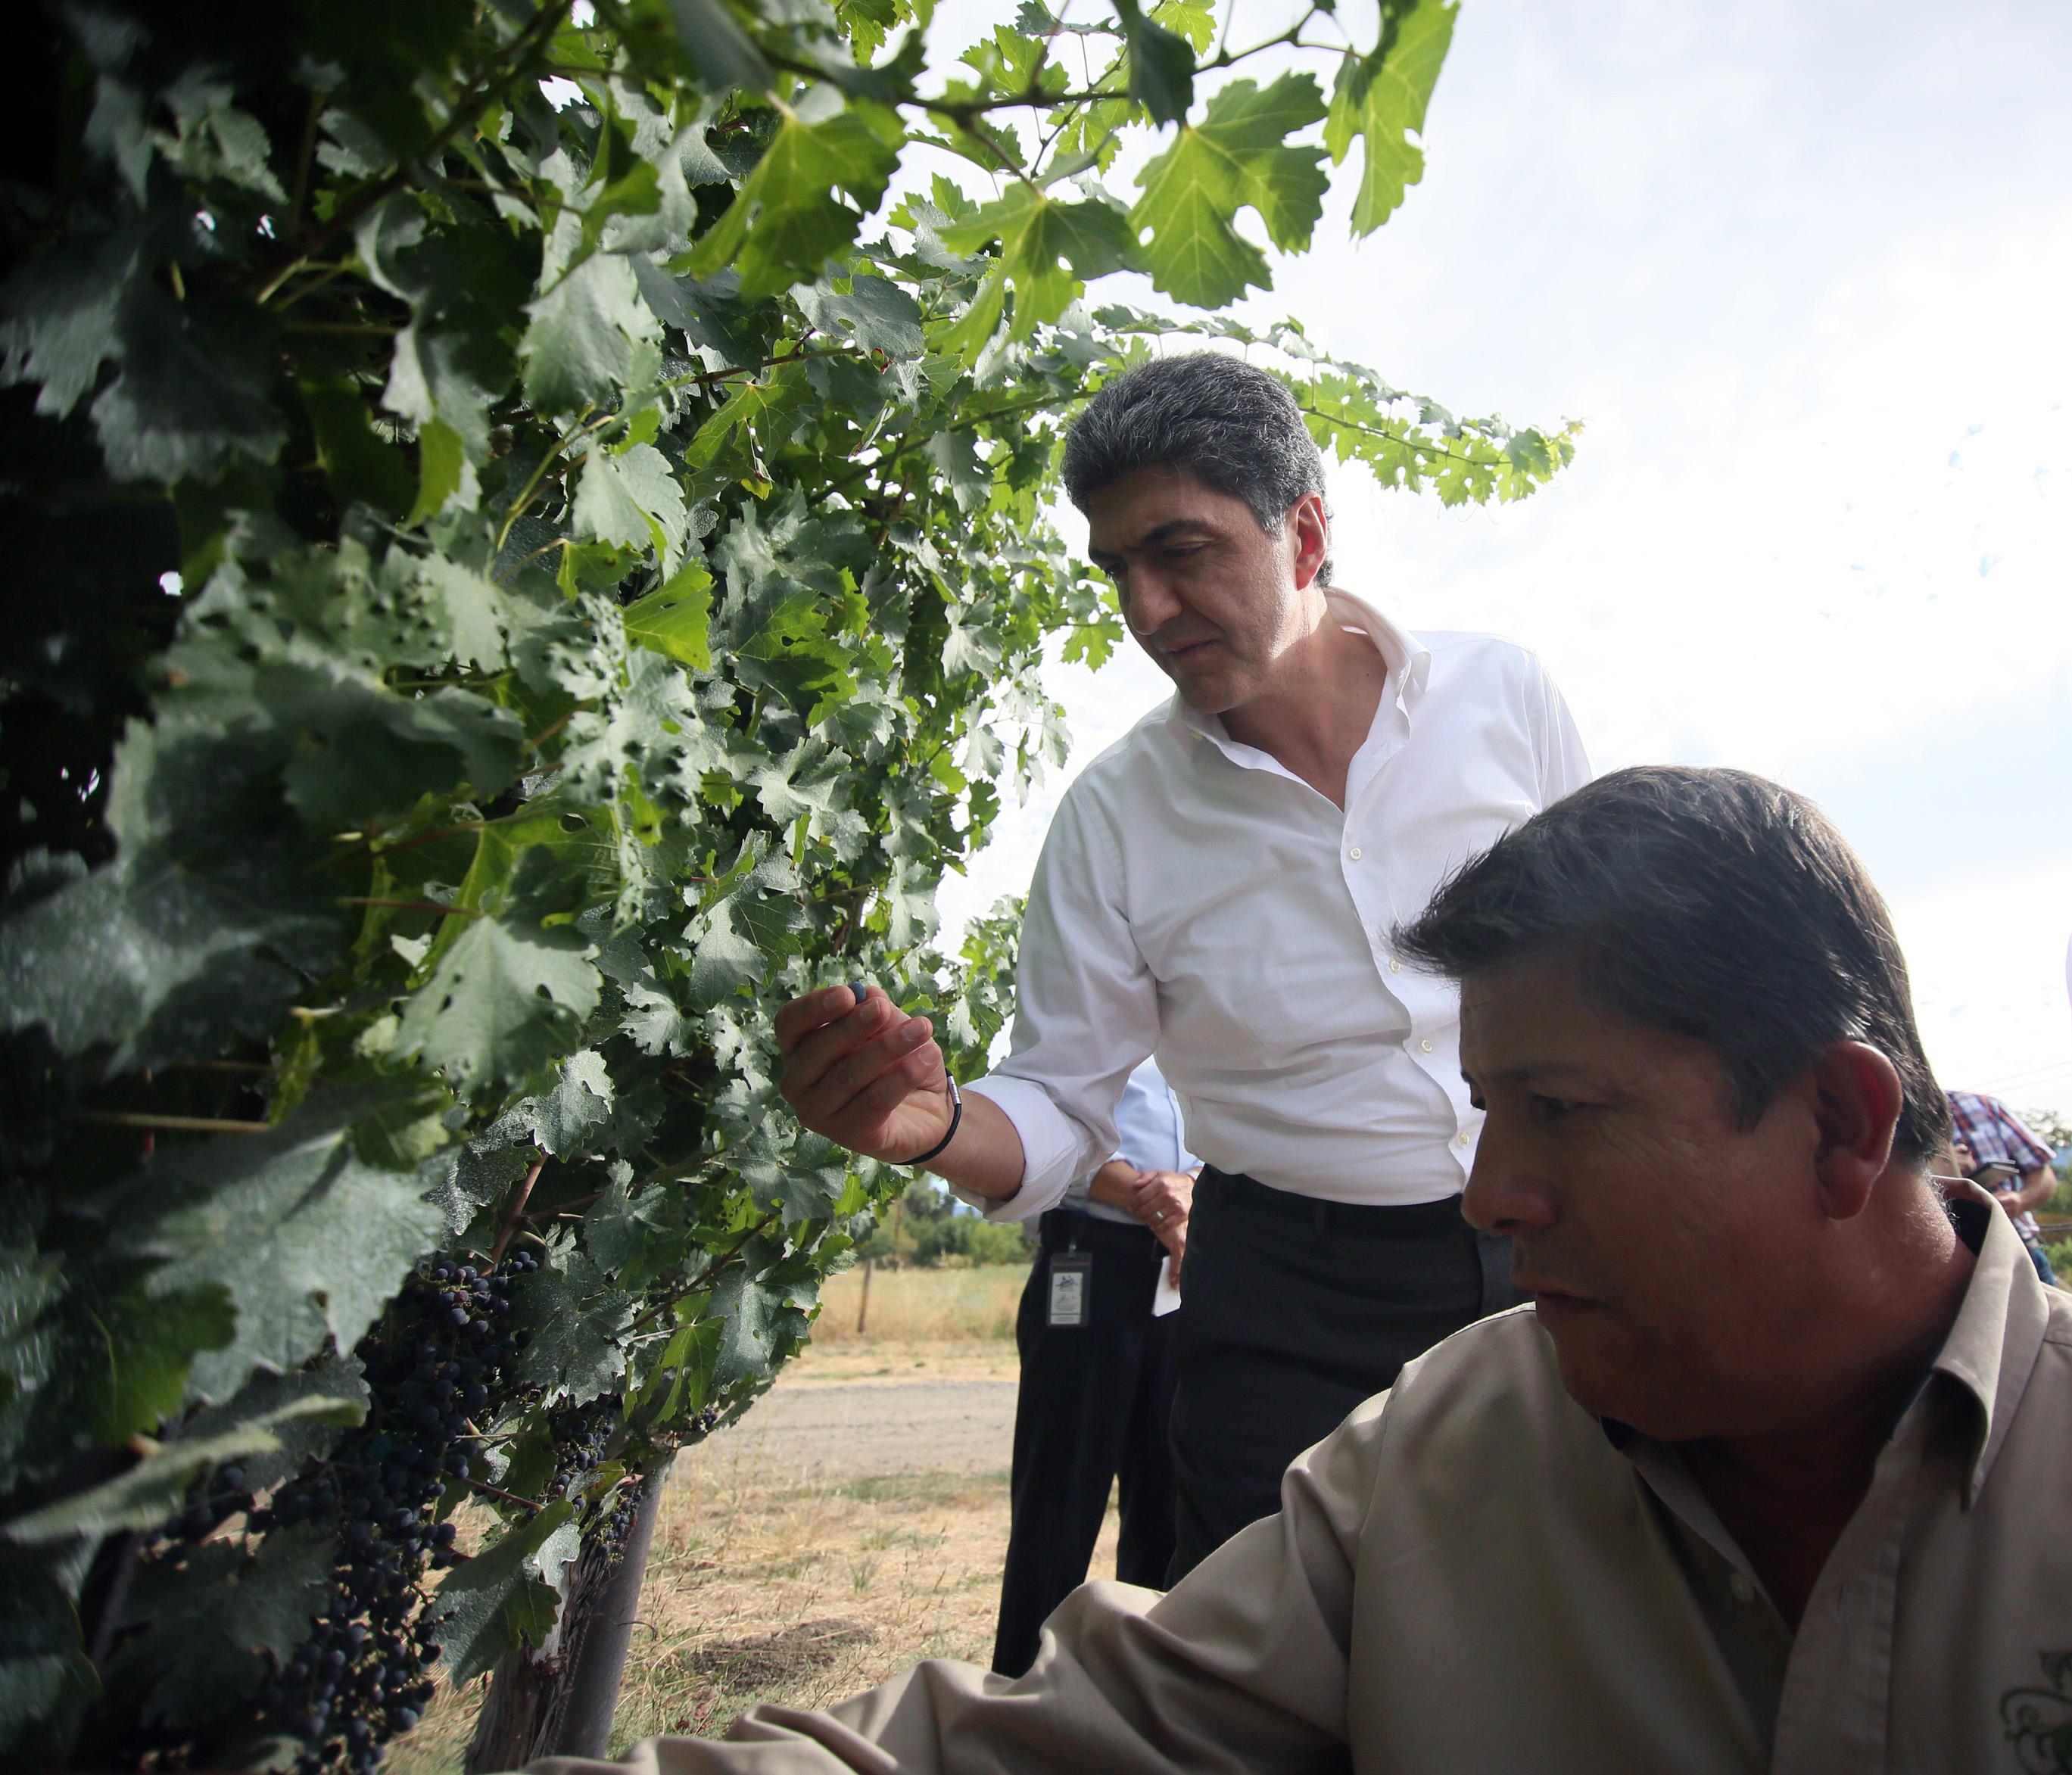 FOTO 2 Gobierno de la Rep blica en contacto permanente con paisanos migrantes.jpg